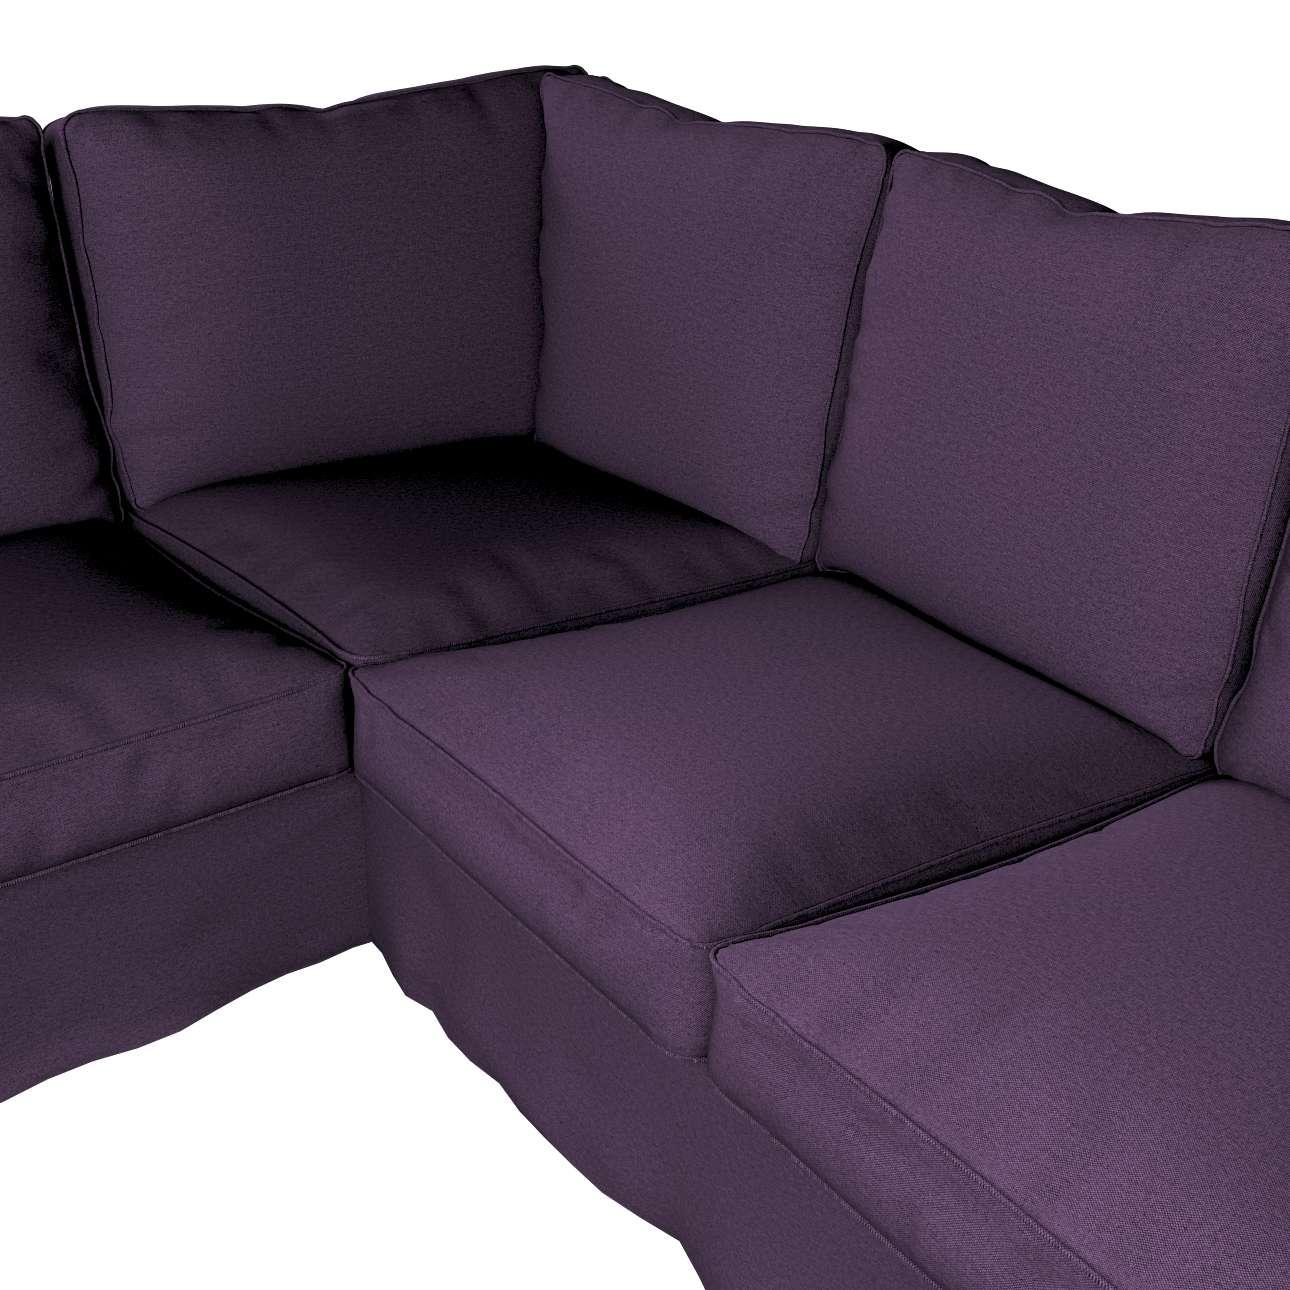 Pokrowiec na sofę narożną Ektorp w kolekcji Etna, tkanina: 161-27